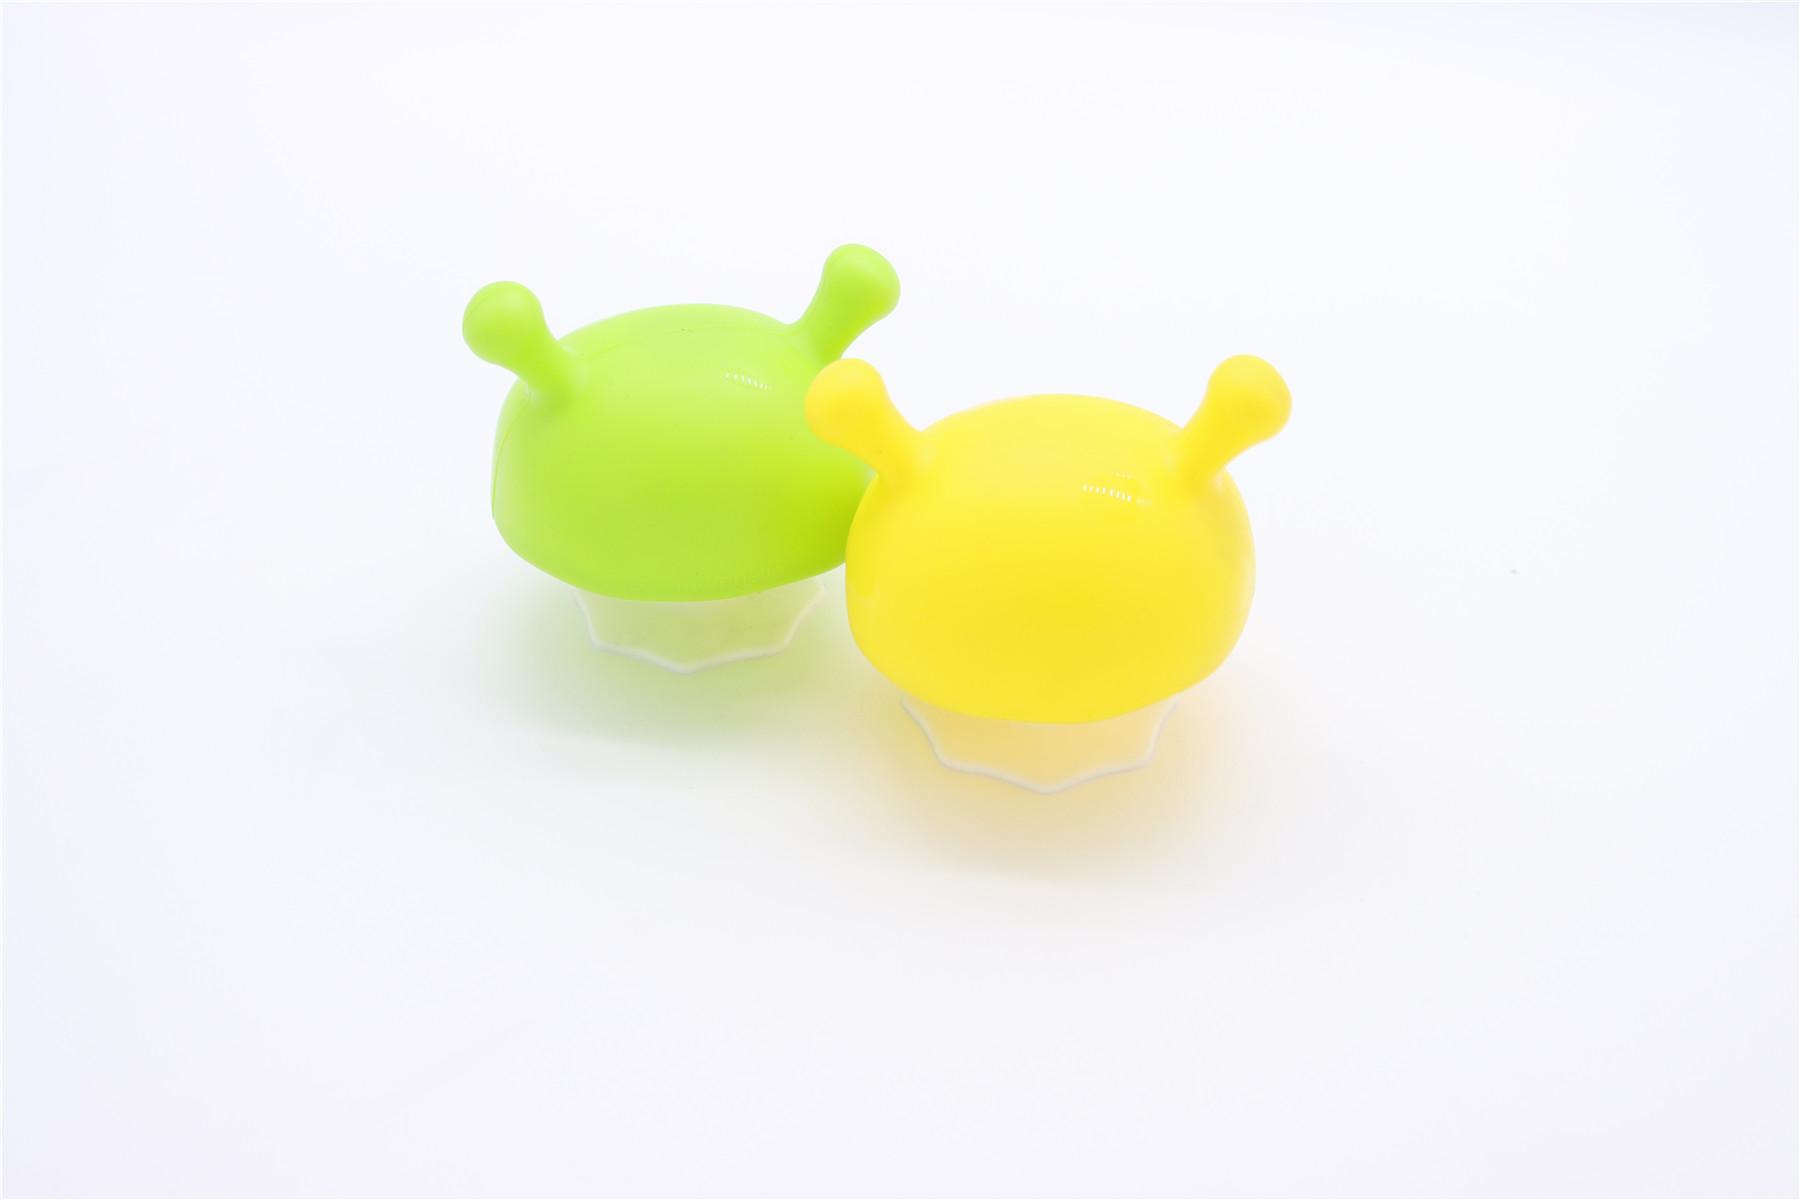 小蘑菇安抚牙胶磨牙棒婴儿硅胶玩具